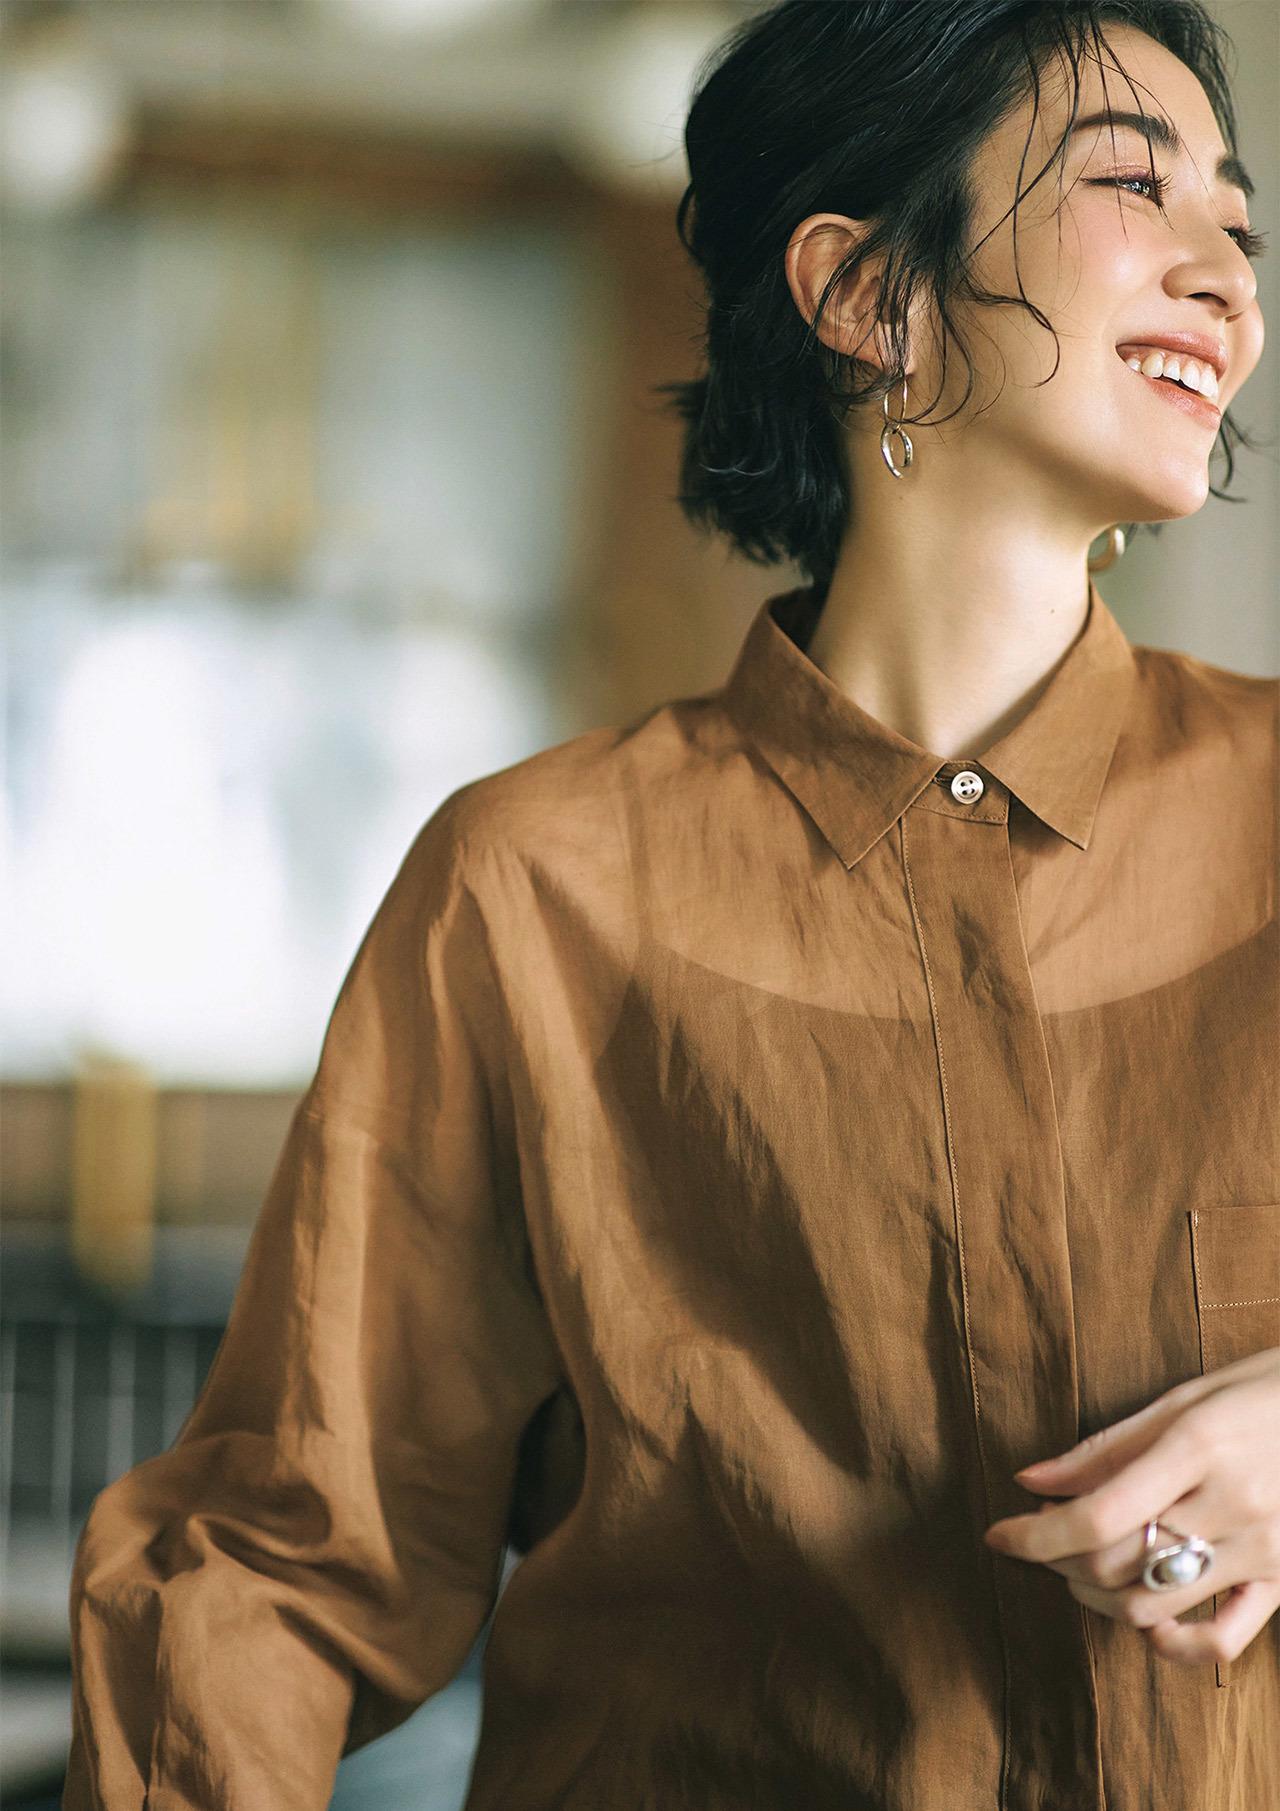 この春のHIT服「シャツ」をアラフォーはこう着る!最旬シャツコーデまとめ|40代ファッション_1_10